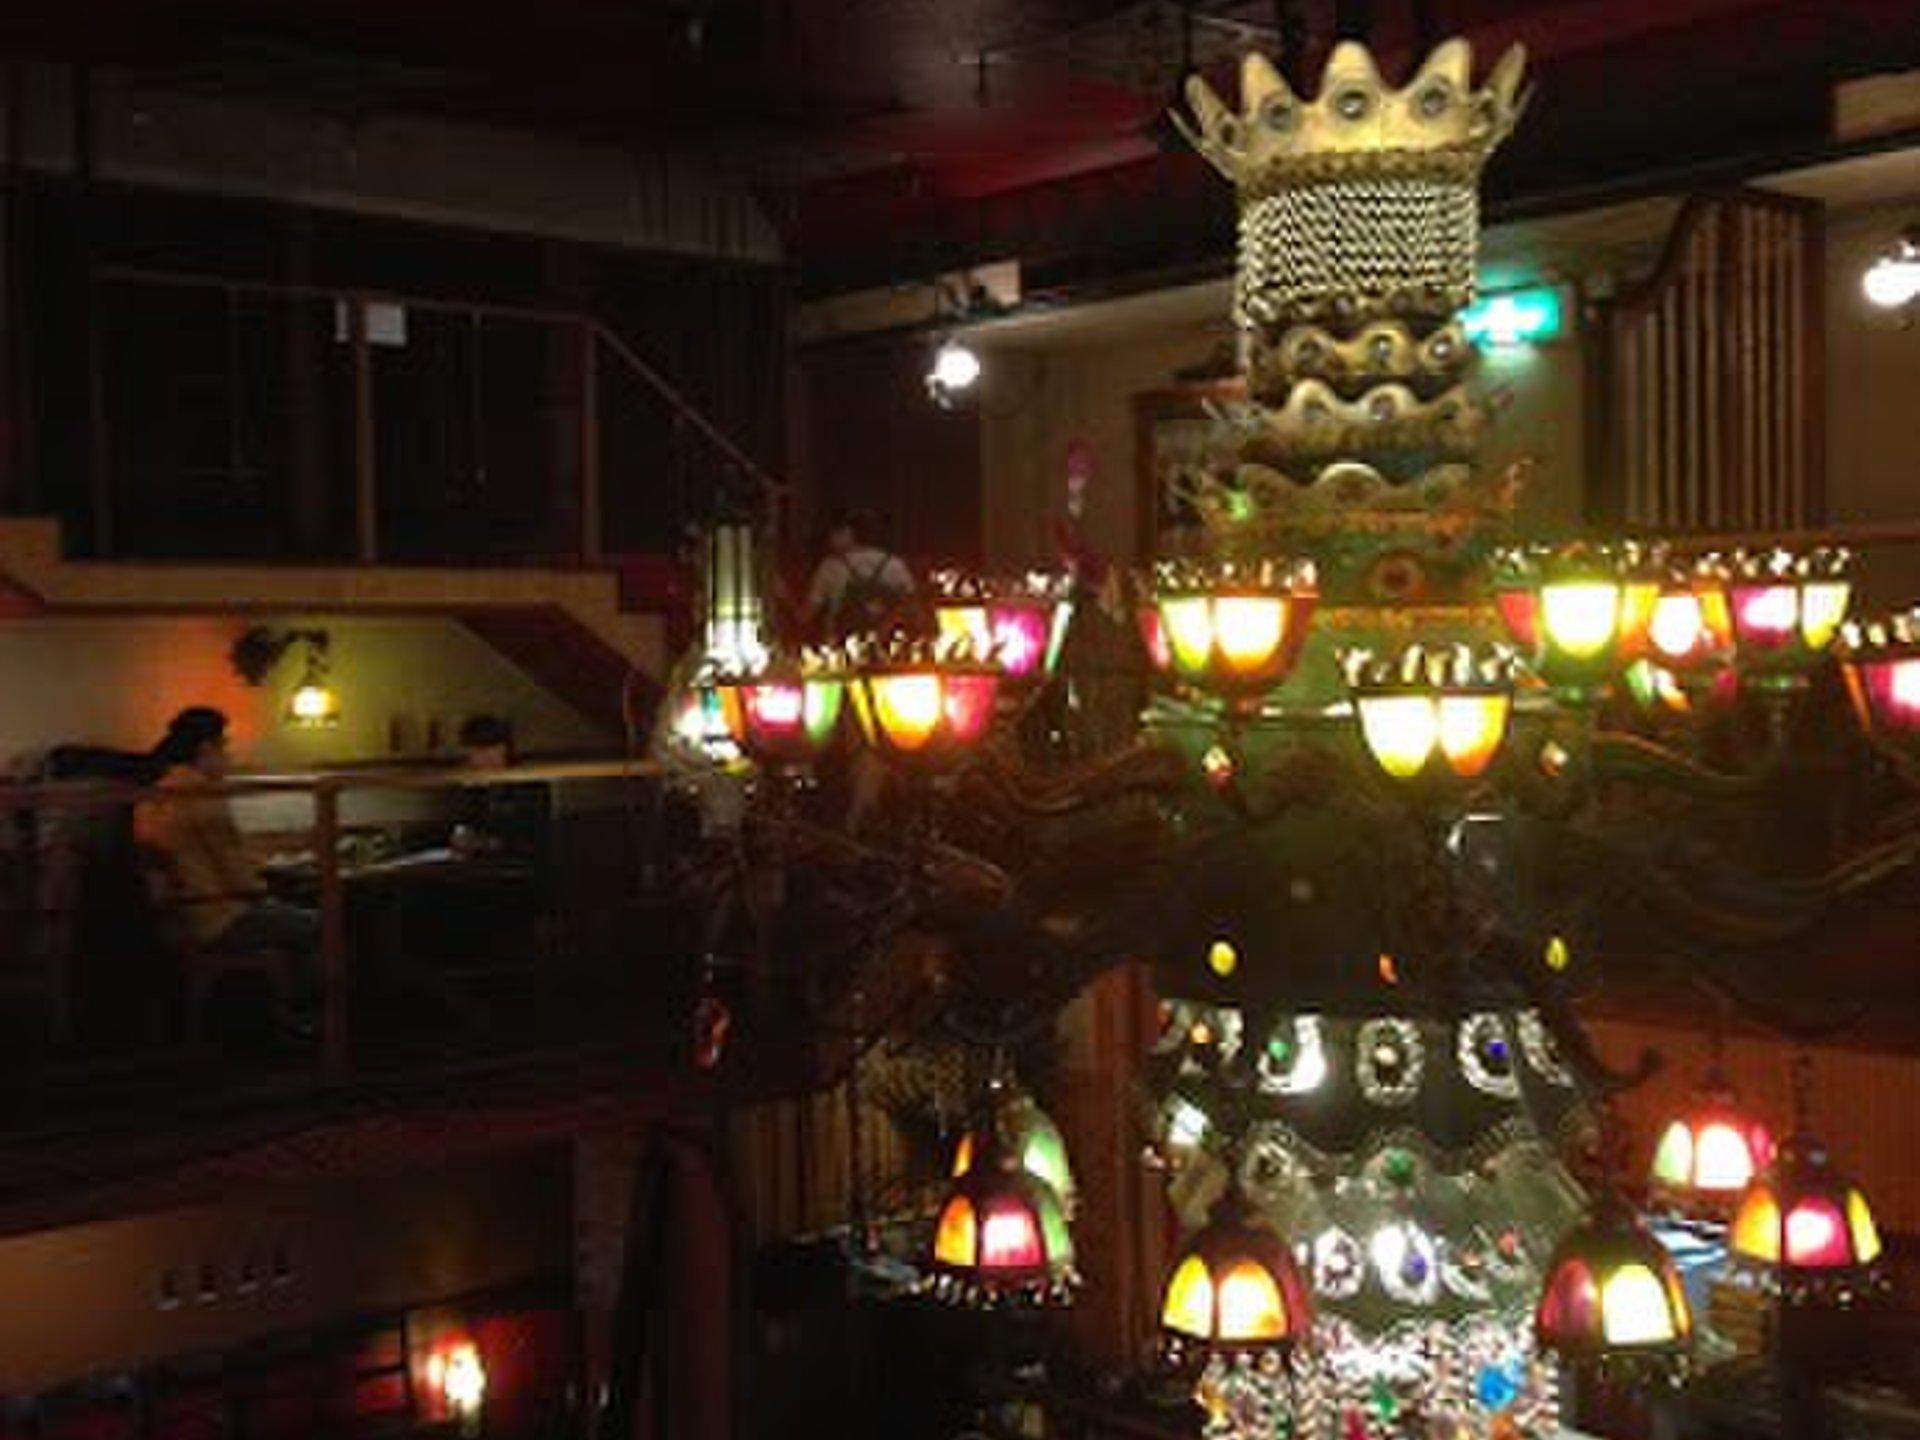 雨の日デートにおすすめ!代官山の穴場スポット「モンスーンカフェ」デートにおすすめ!